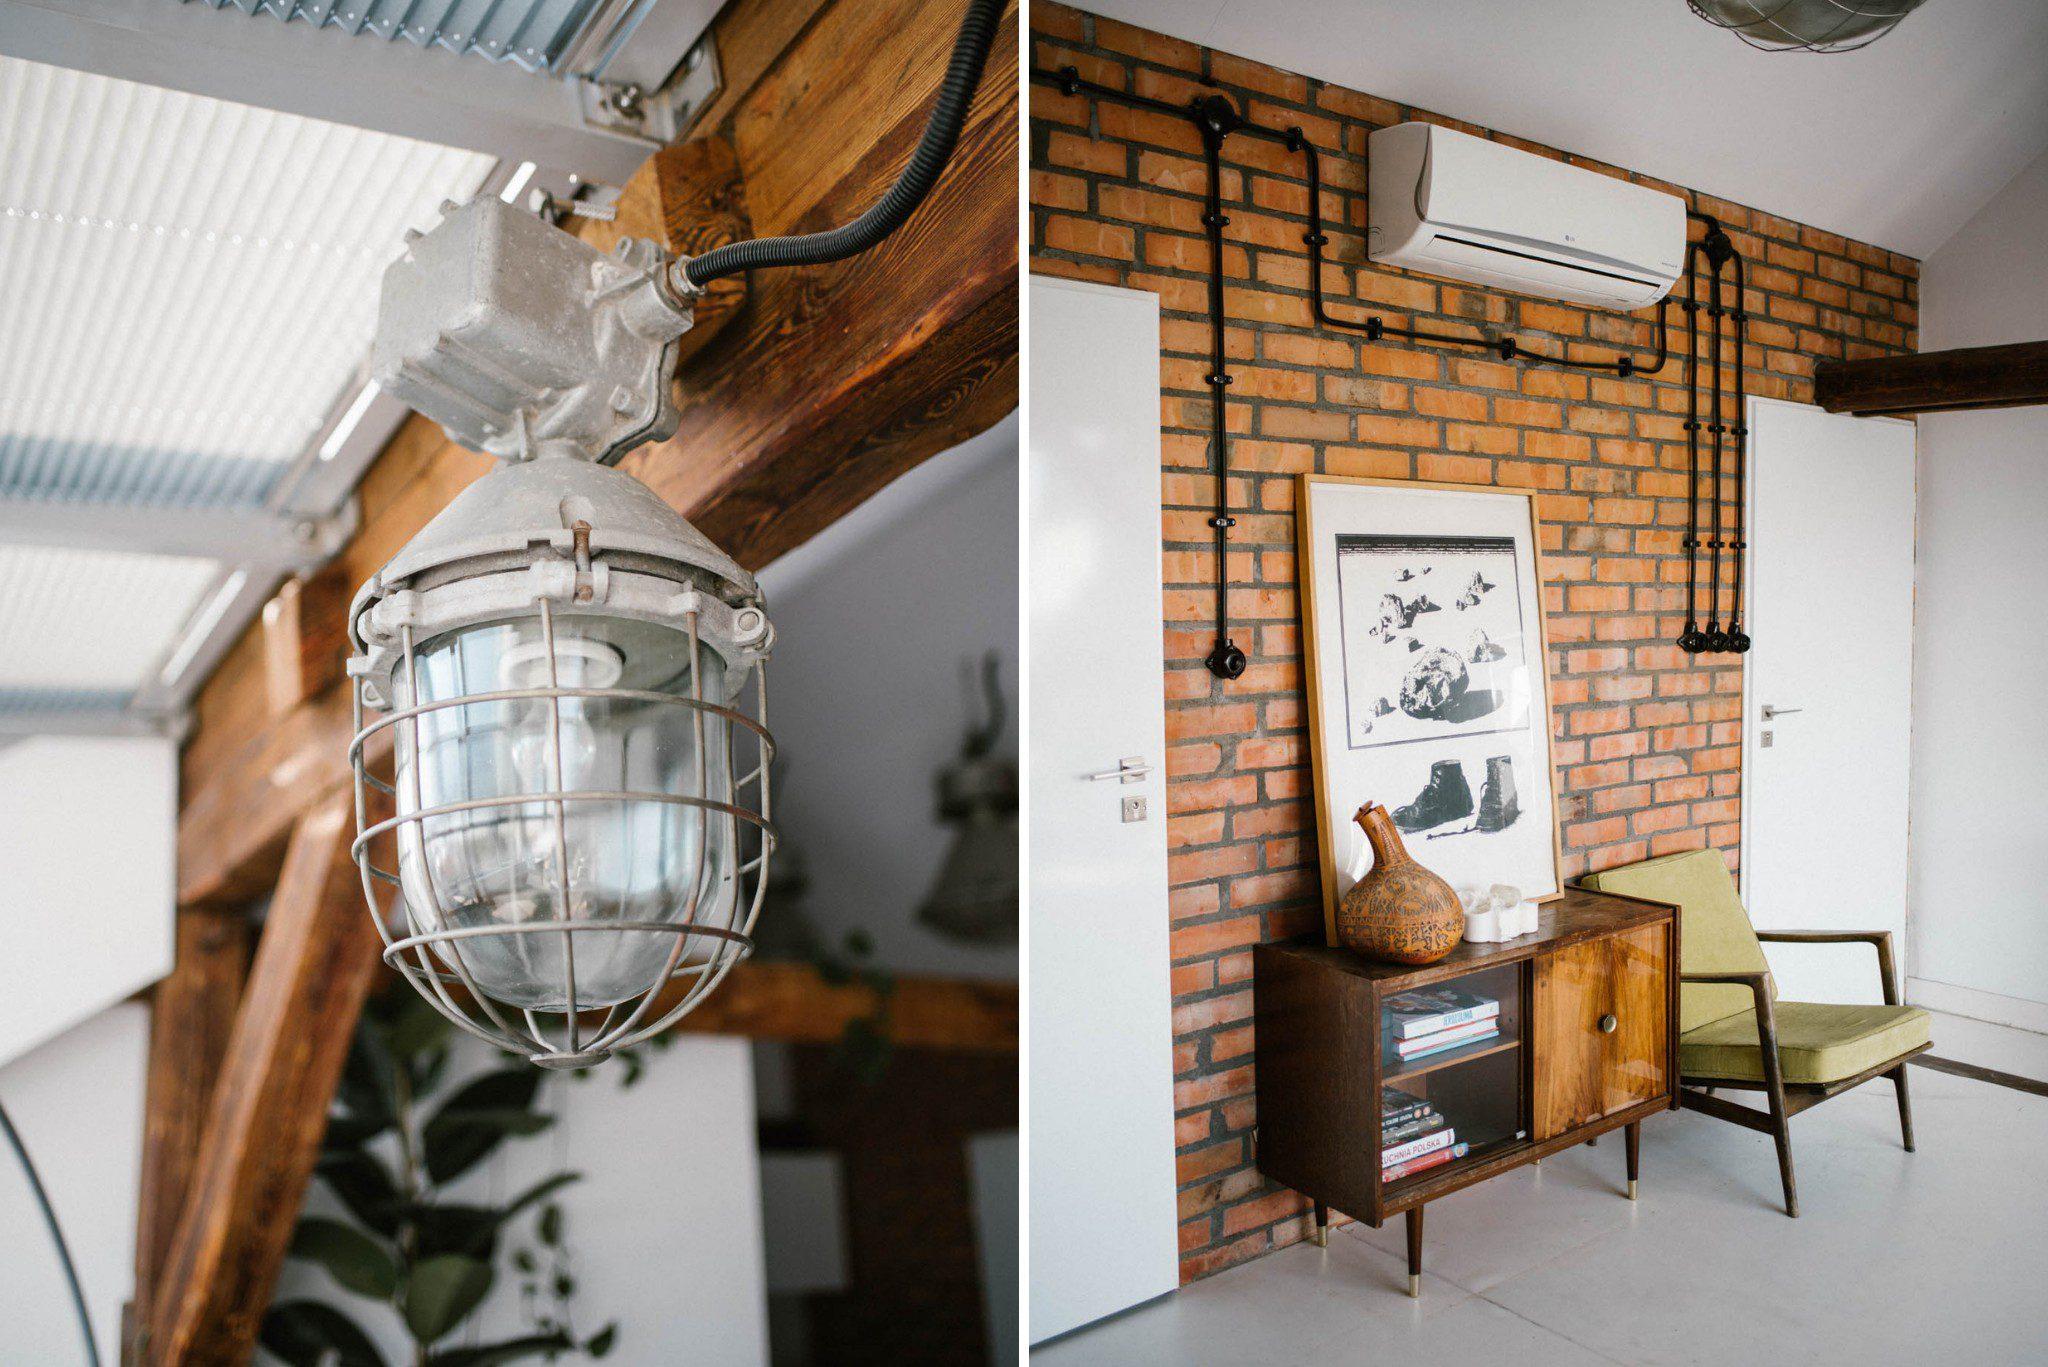 Salon w industrialnym stylu - sesja miłosna lifestyle Poznań Pani Woźna